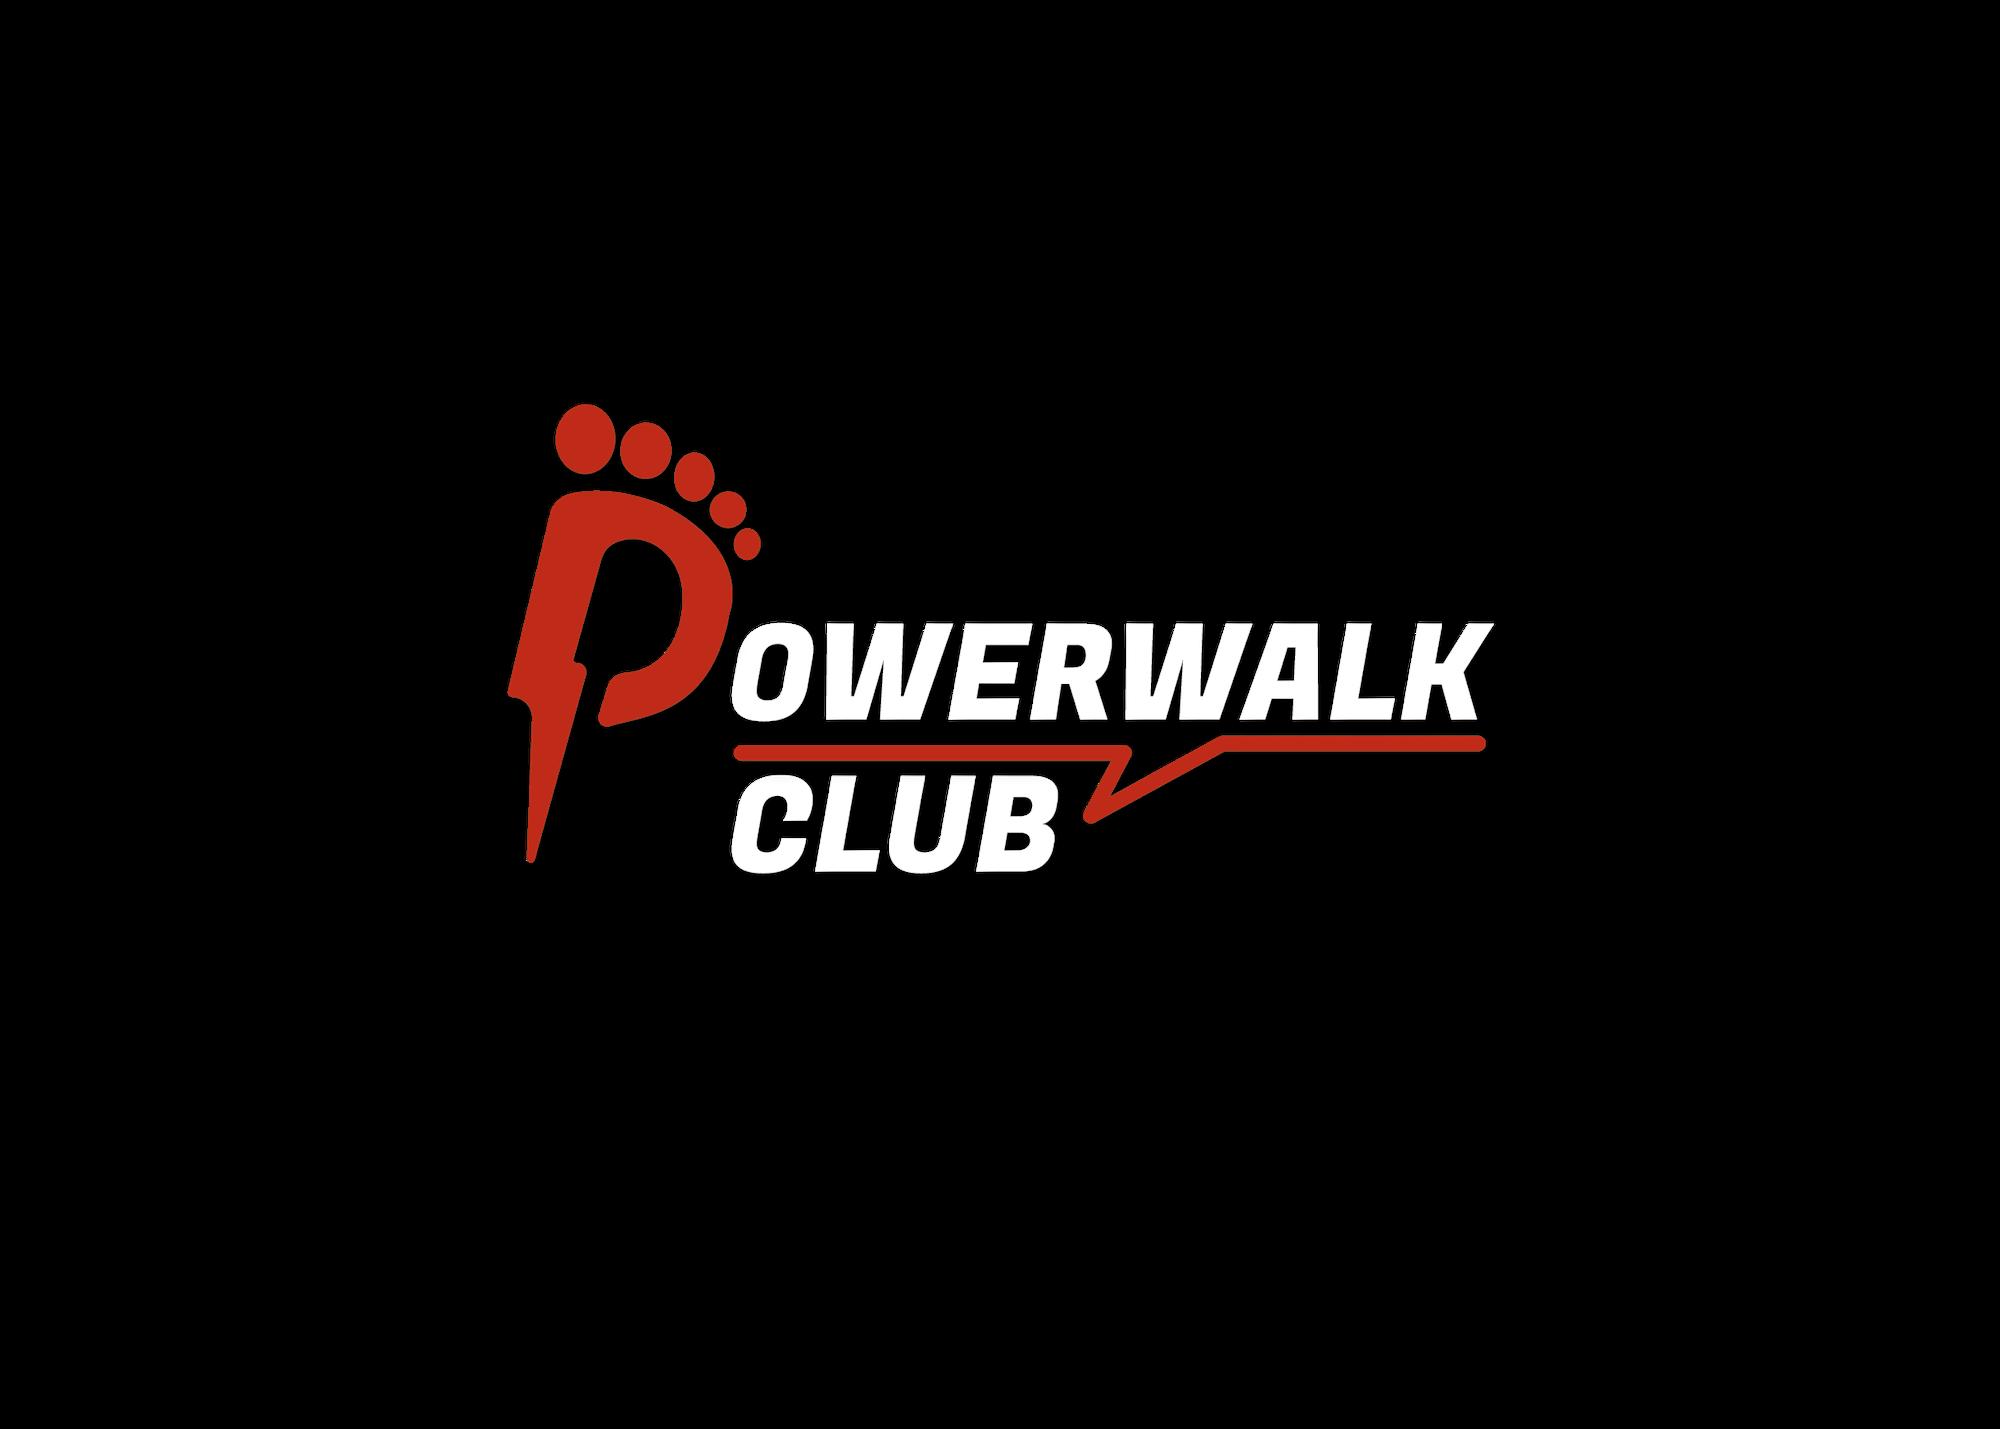 De Powerwalk Club Nederland is een feit!